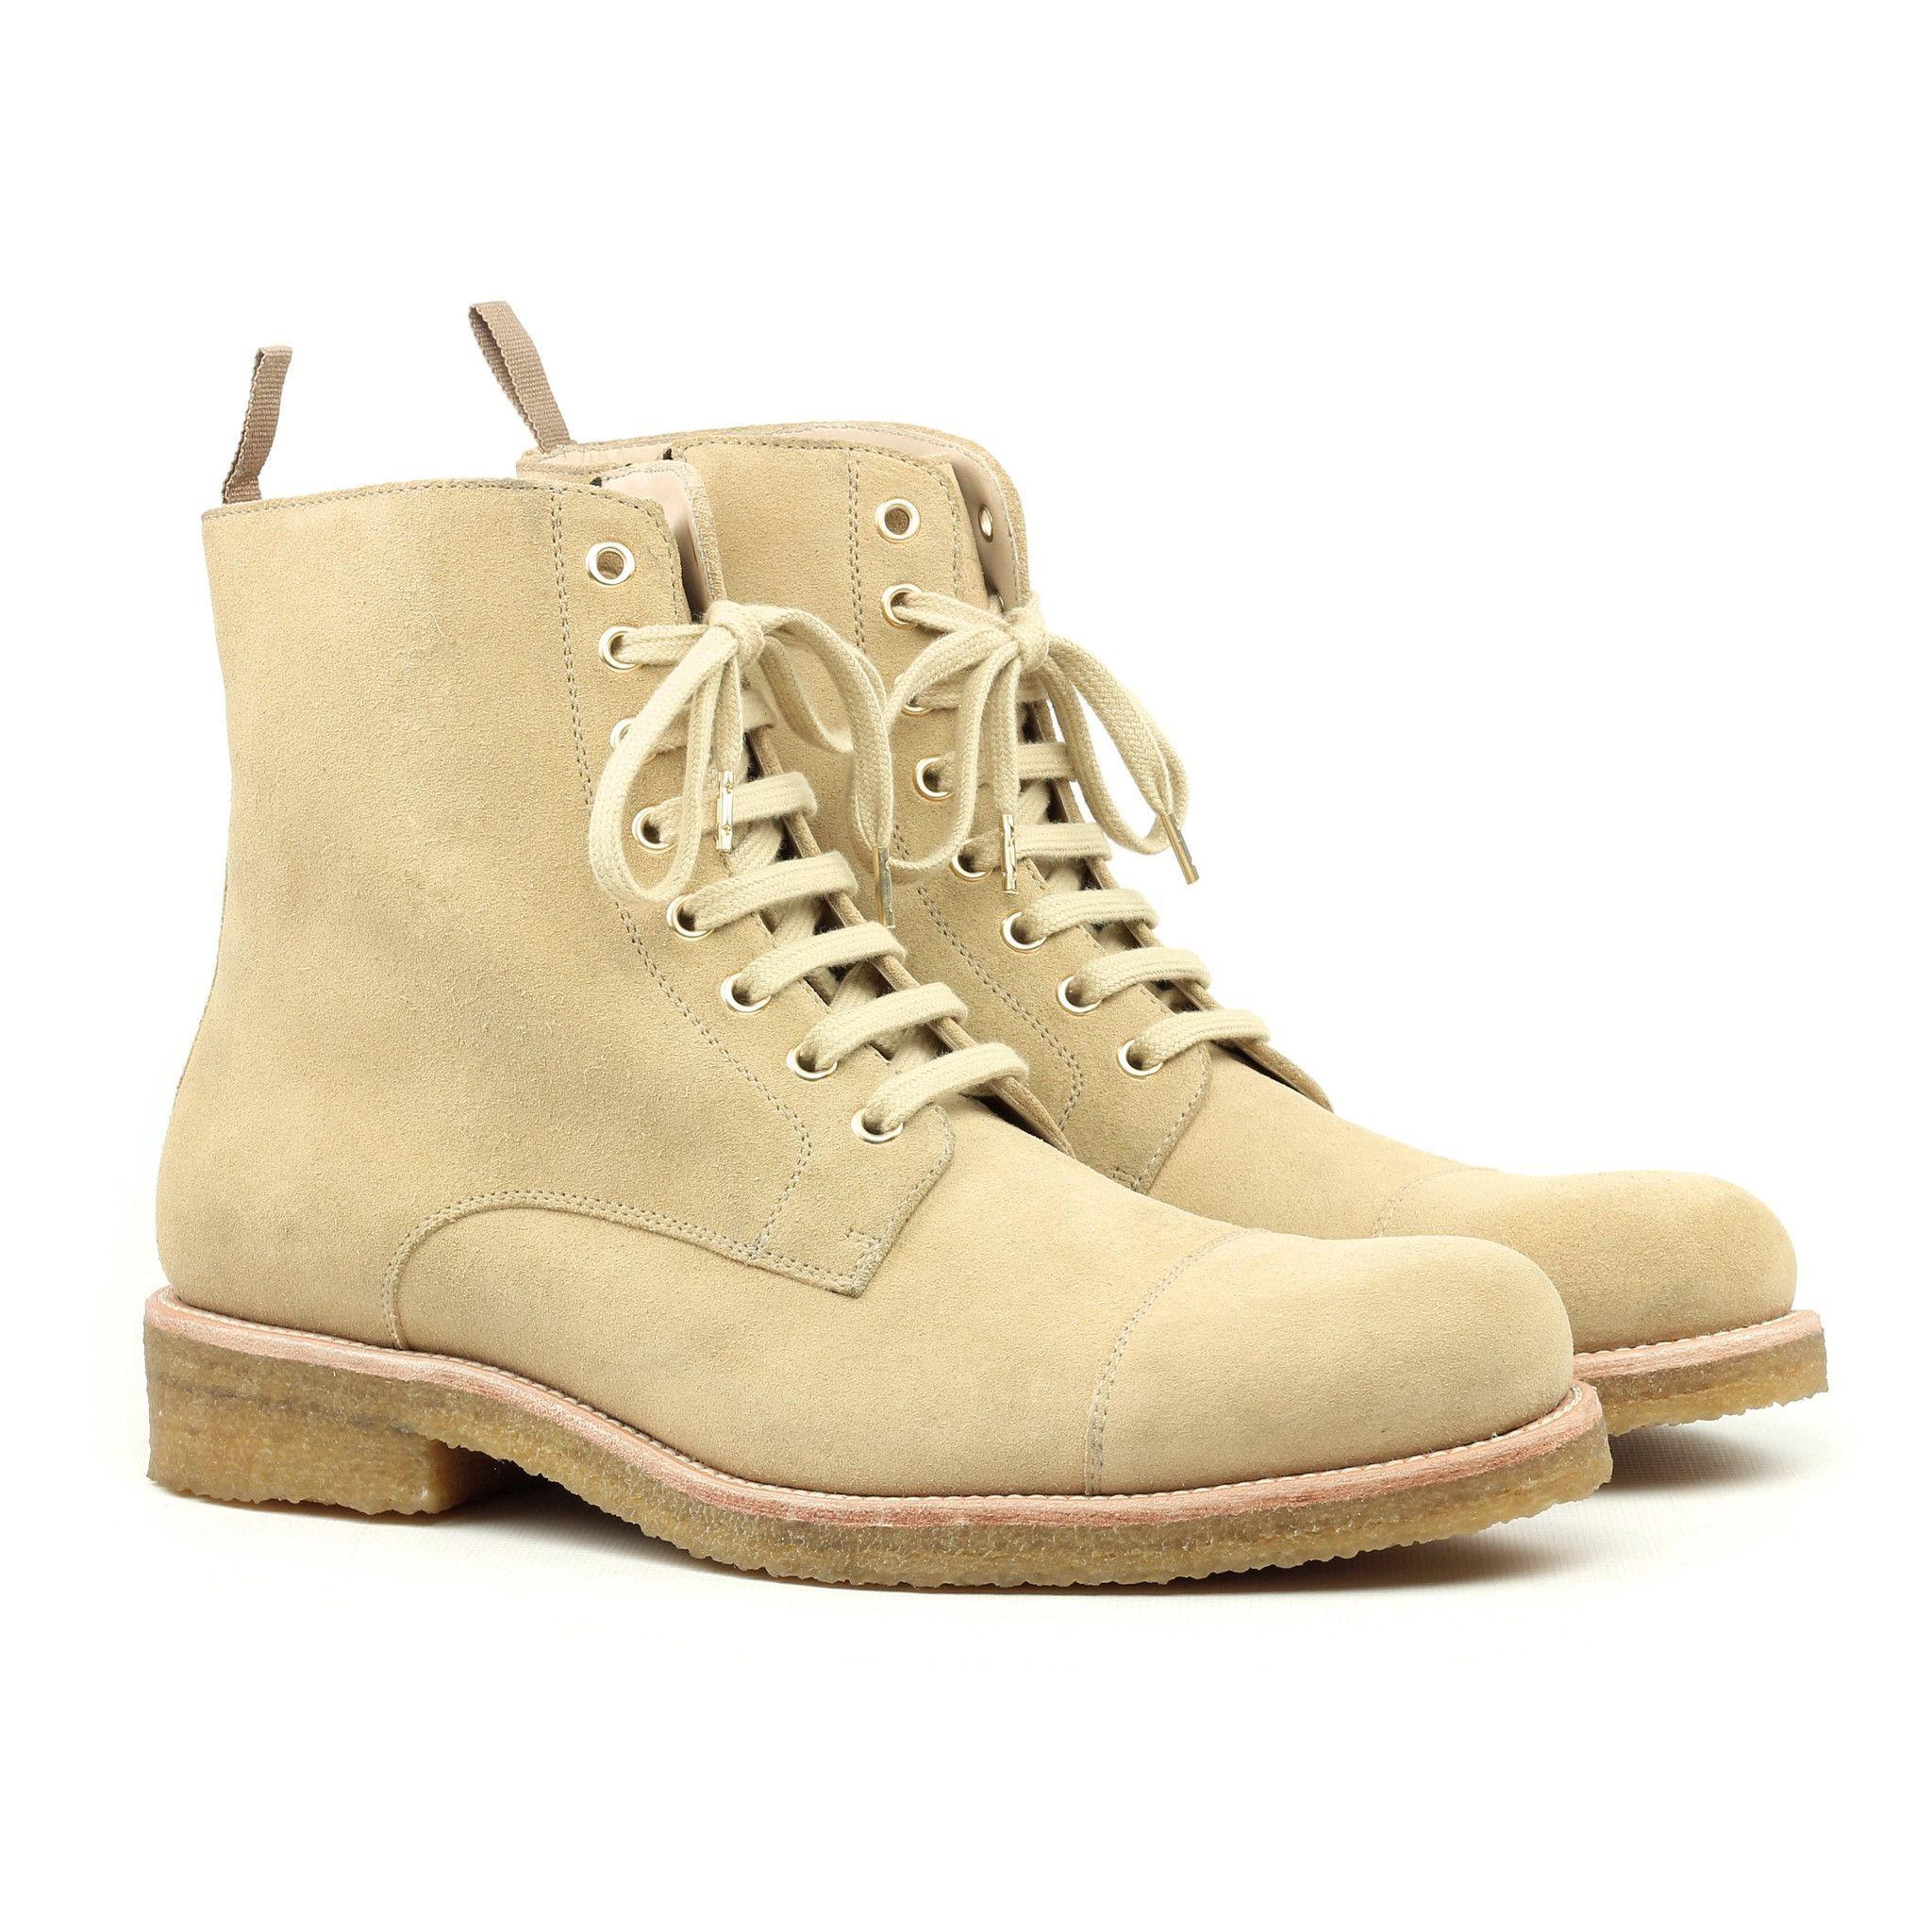 Suede combat boots, Beige boots